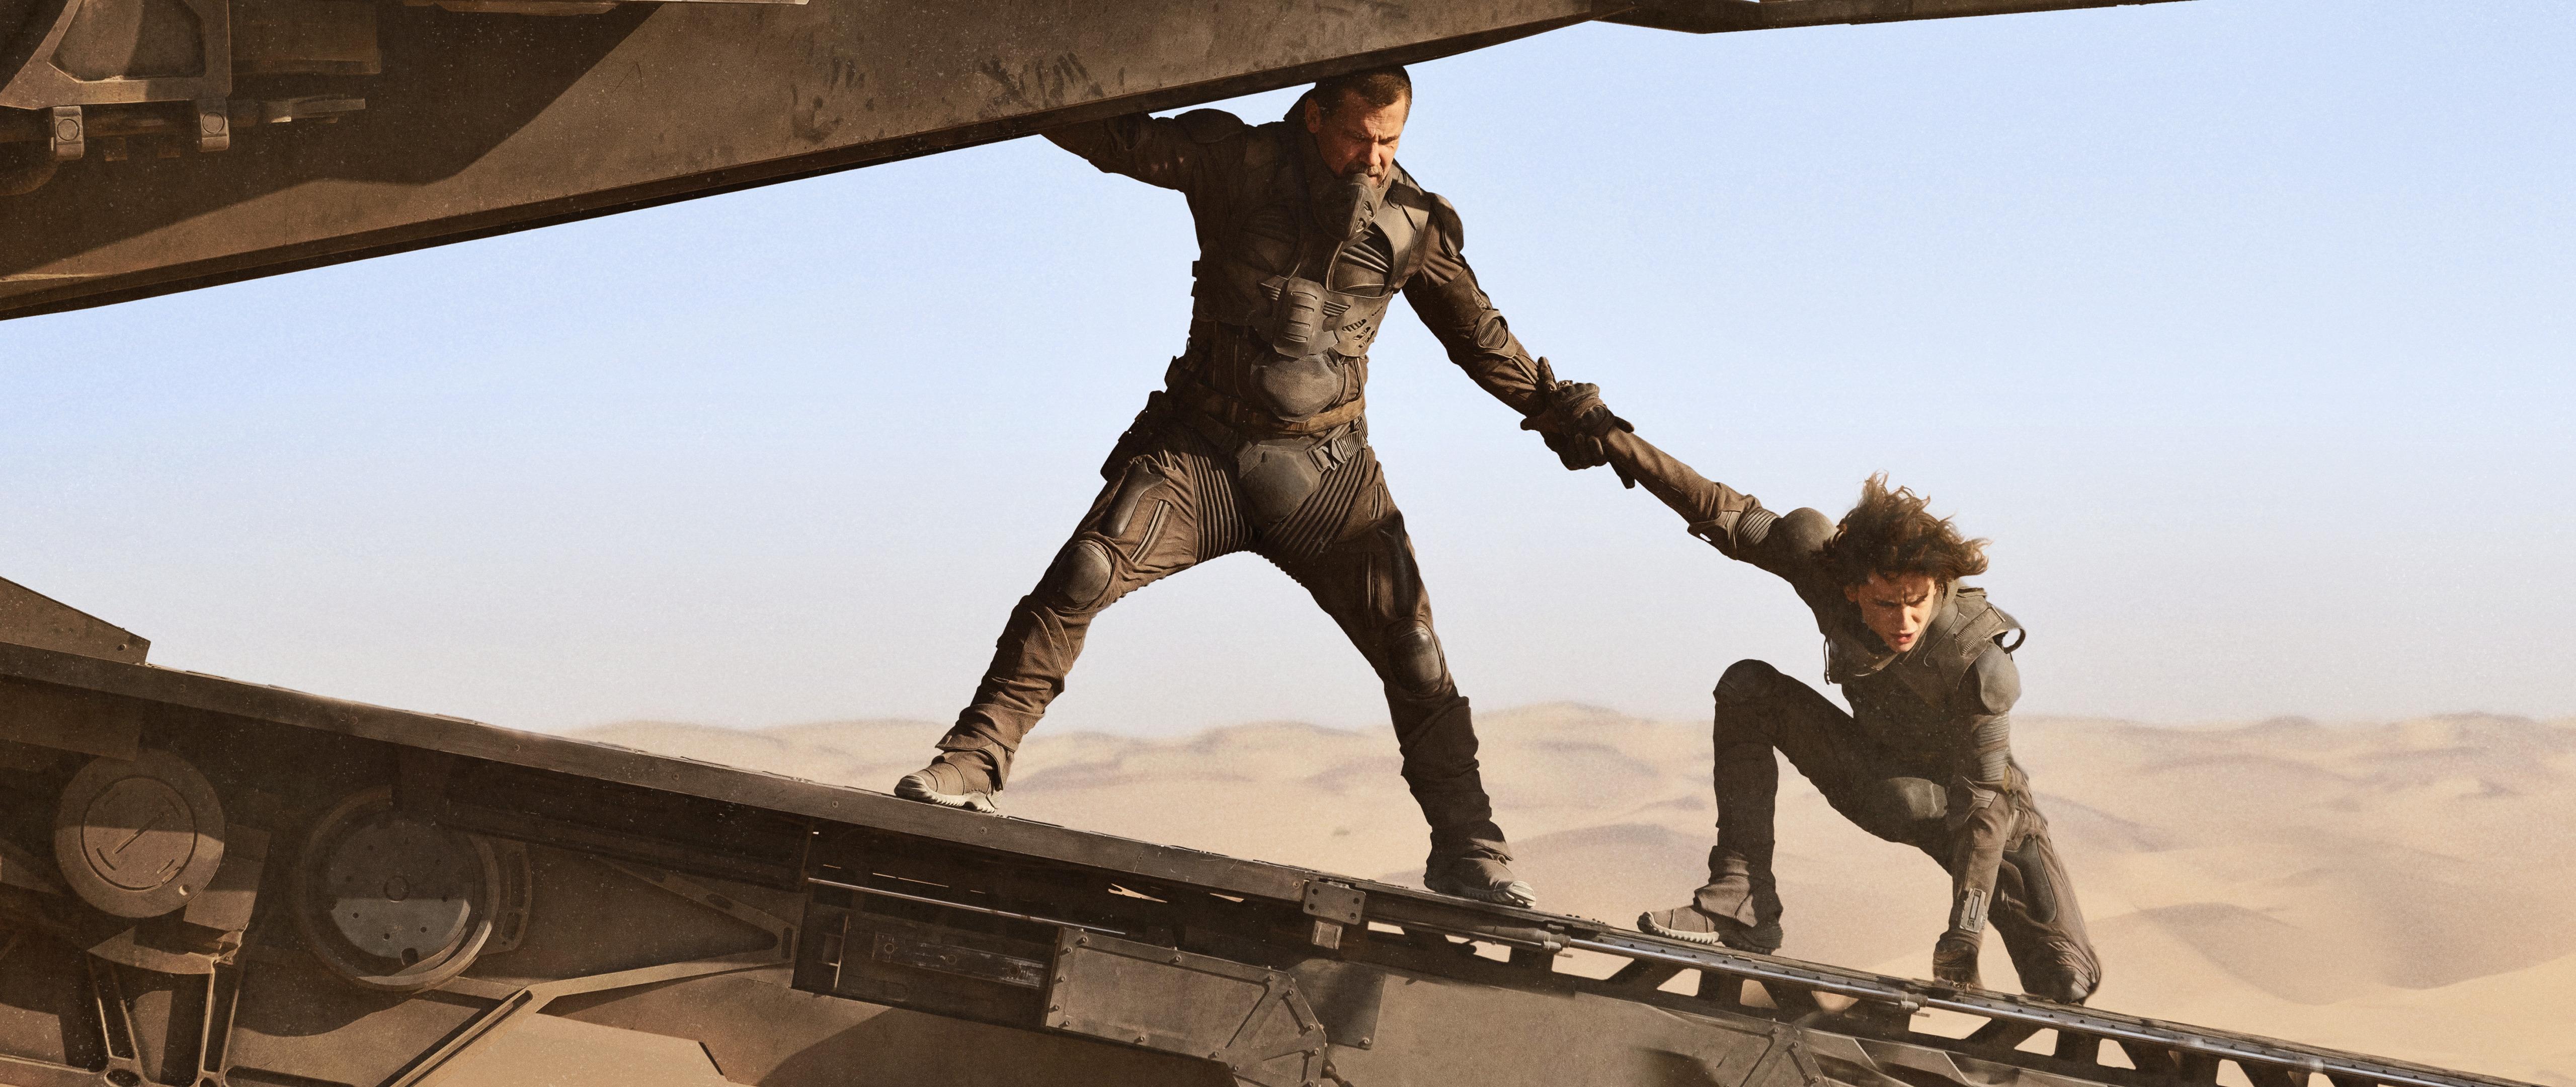 Josh Brolin and Timothee Chalamet in Dune